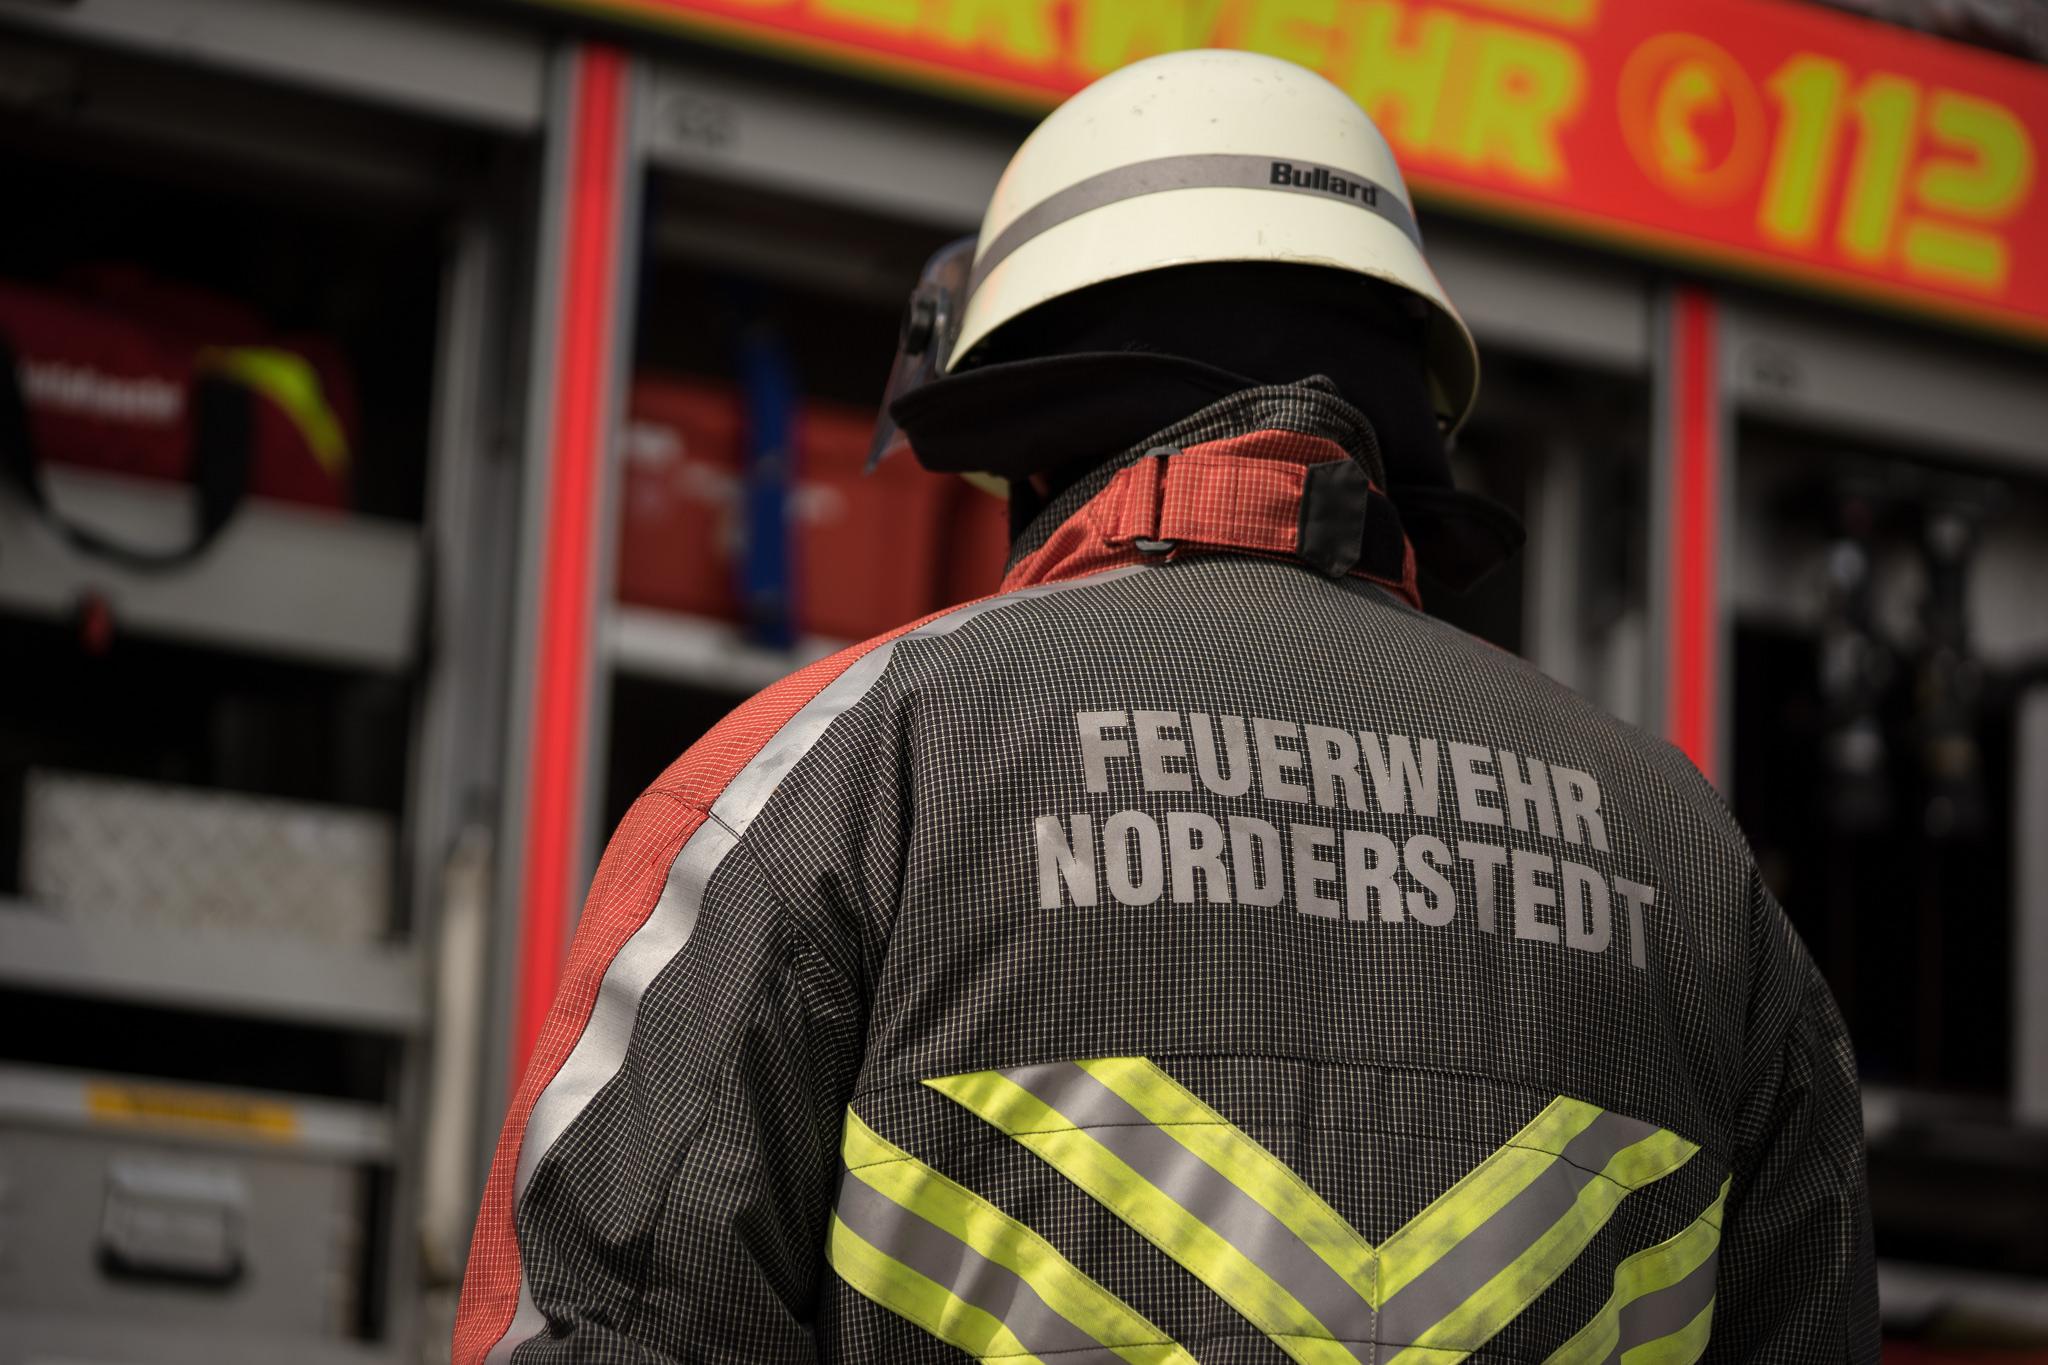 2 Einsatz der Feuerwehr Norderstedt